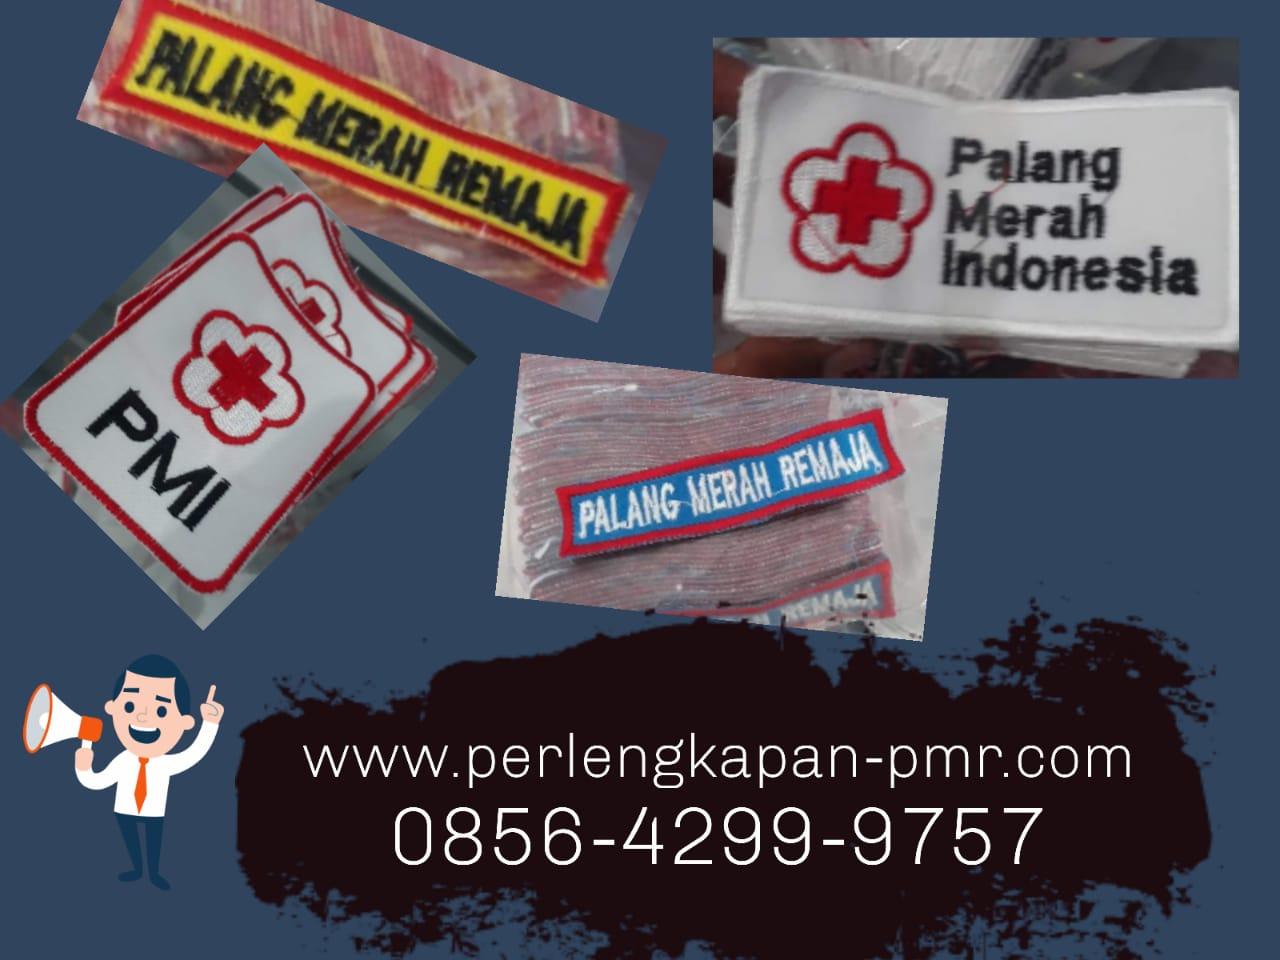 Perlengkapan PMR